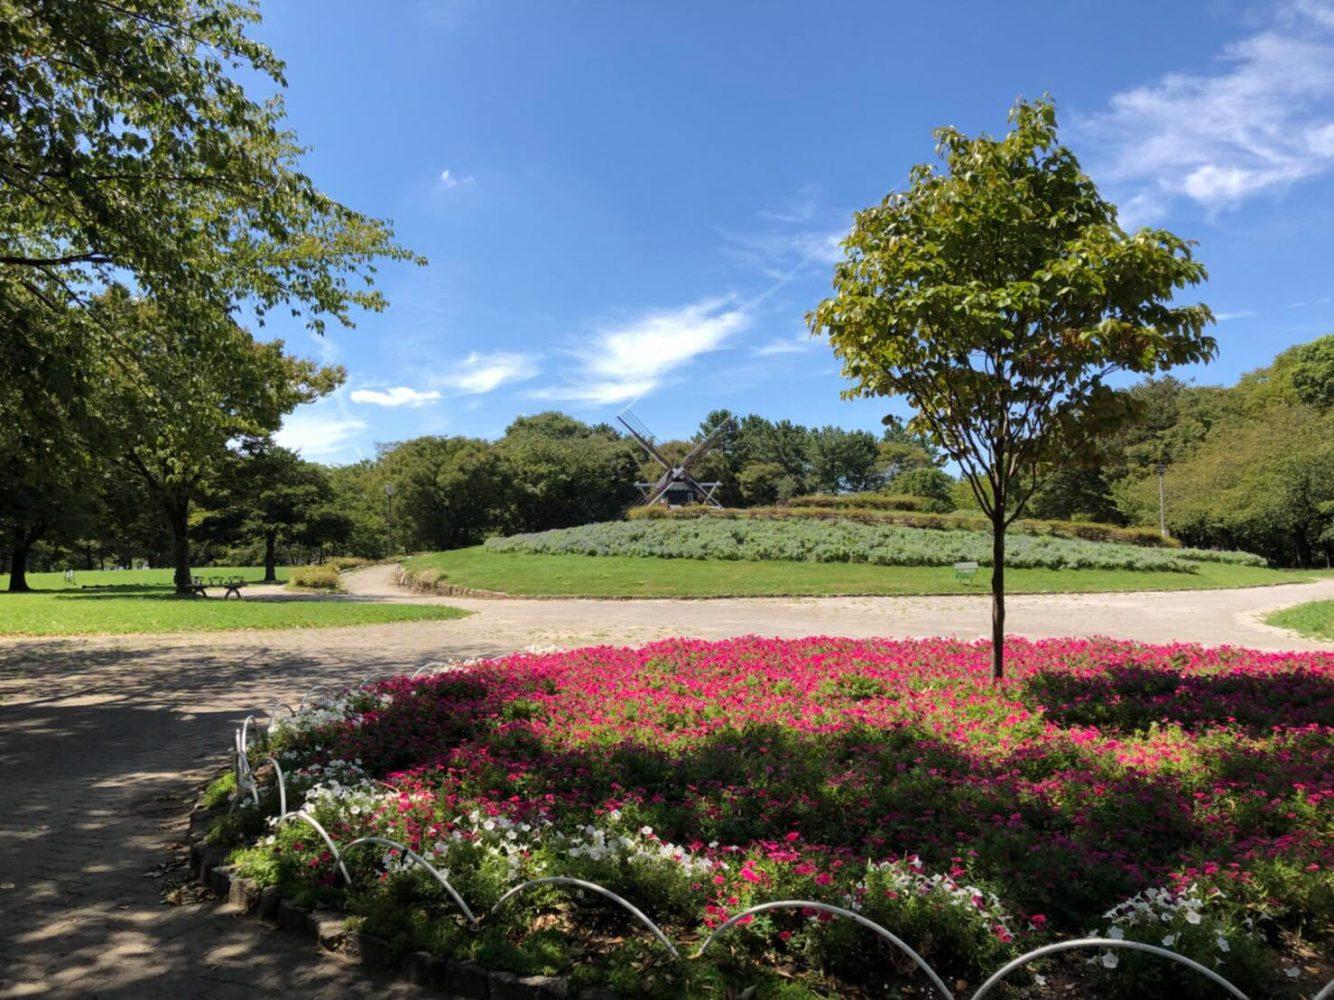 名城公園の景色に癒やされ